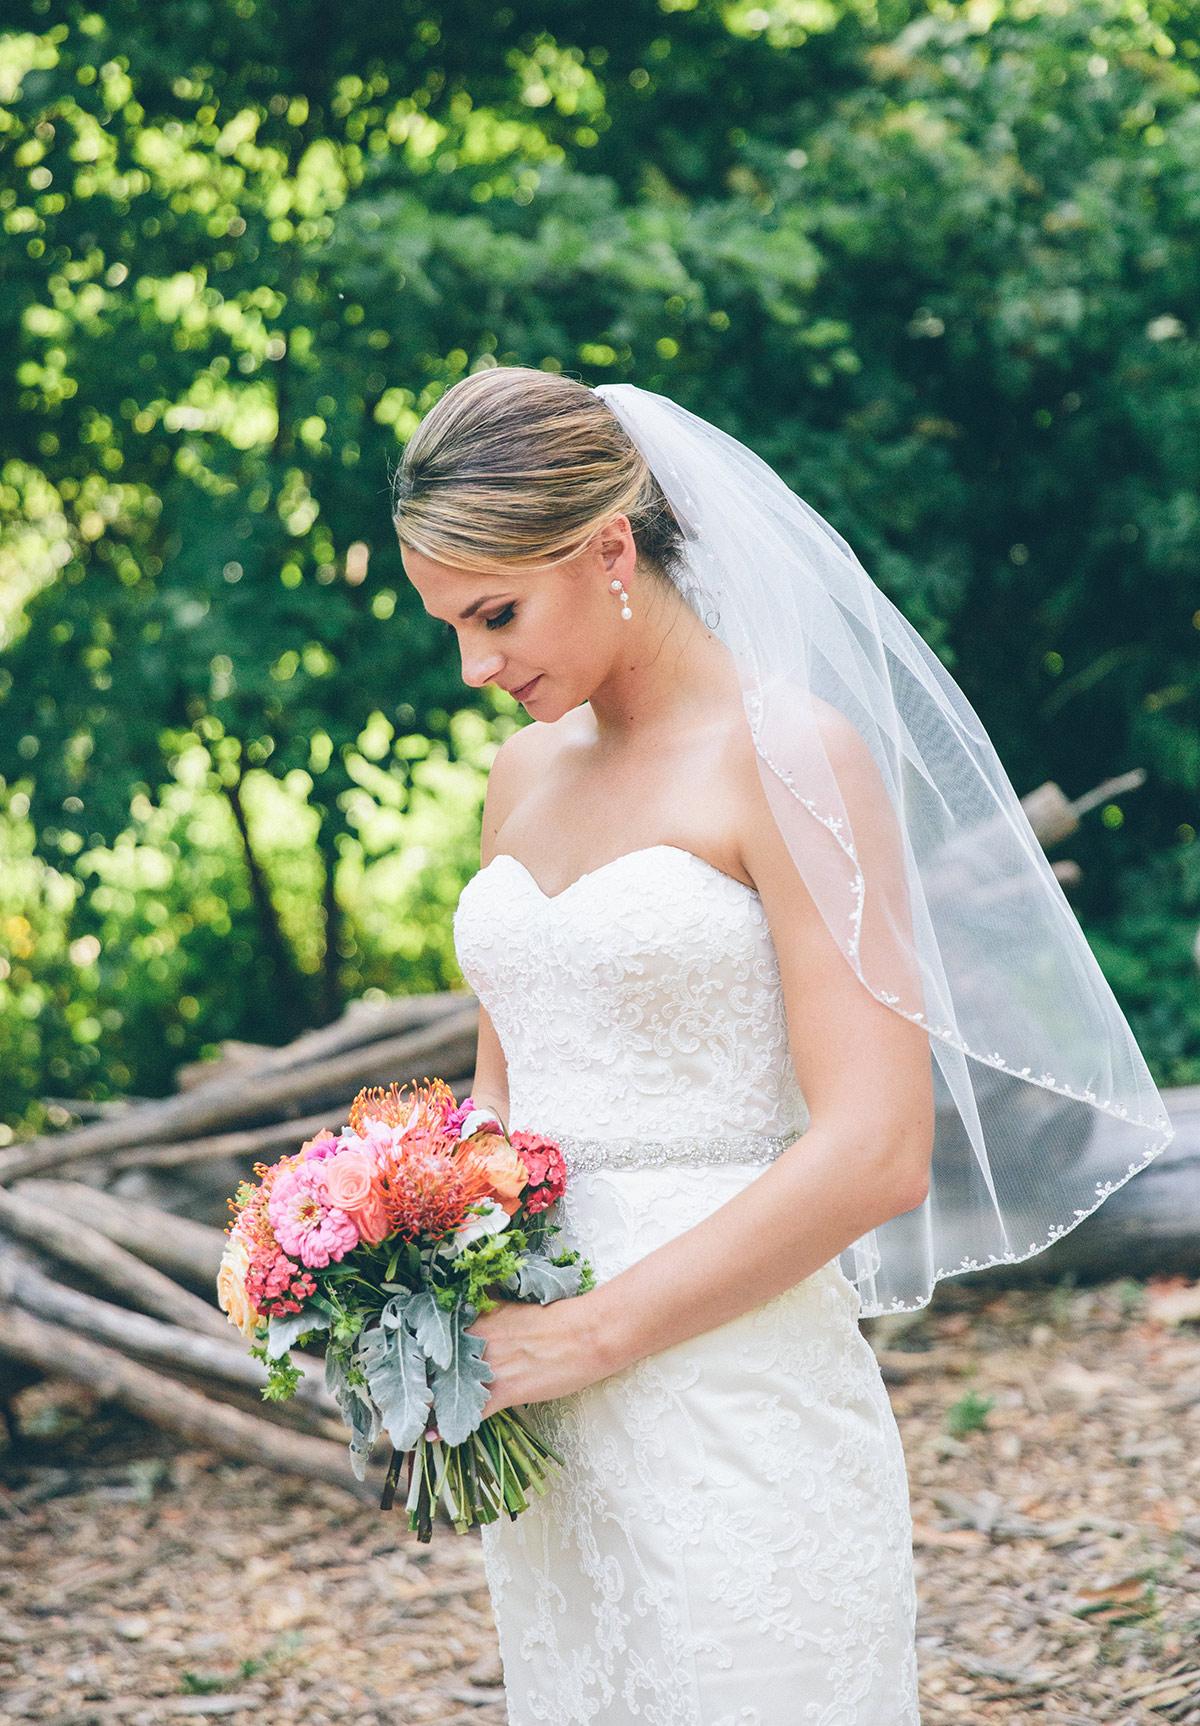 062516_Schumacher_Wedding-288